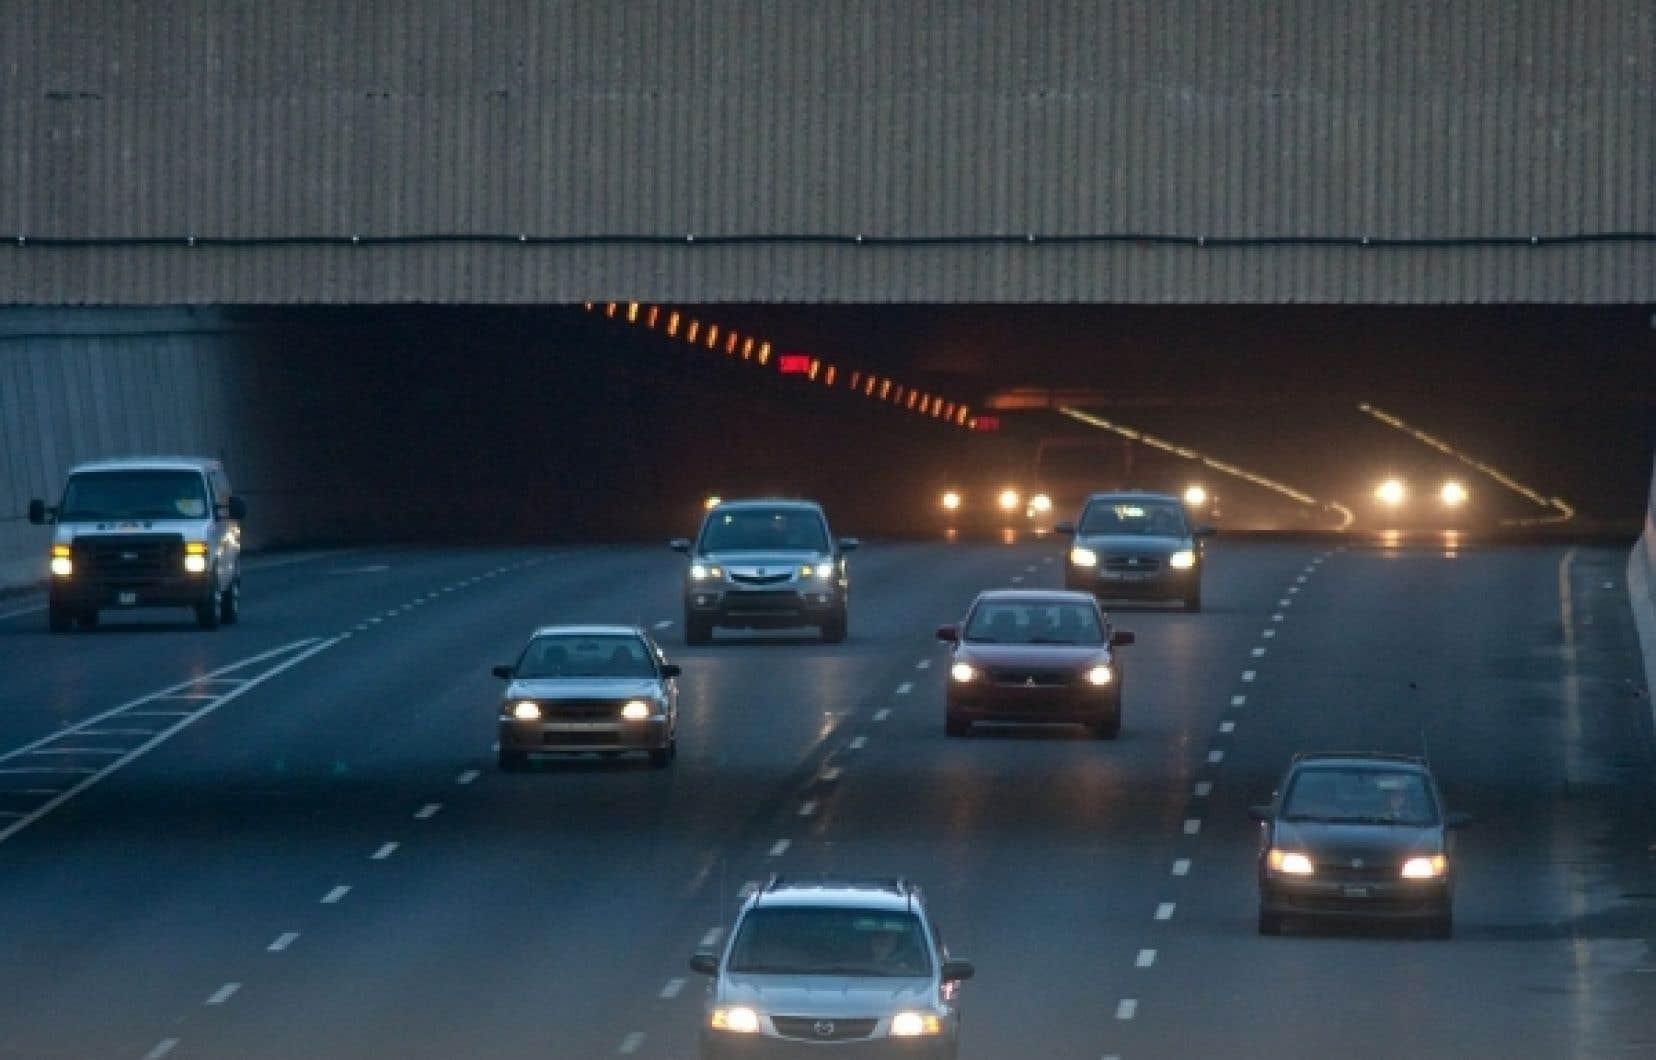 La r&eacute;ouverture de l&#39;autoroute pourra faciliter la vie des automobilistes au moment o&ugrave; les vacances de la construction tirent &agrave; leur fin.<br />